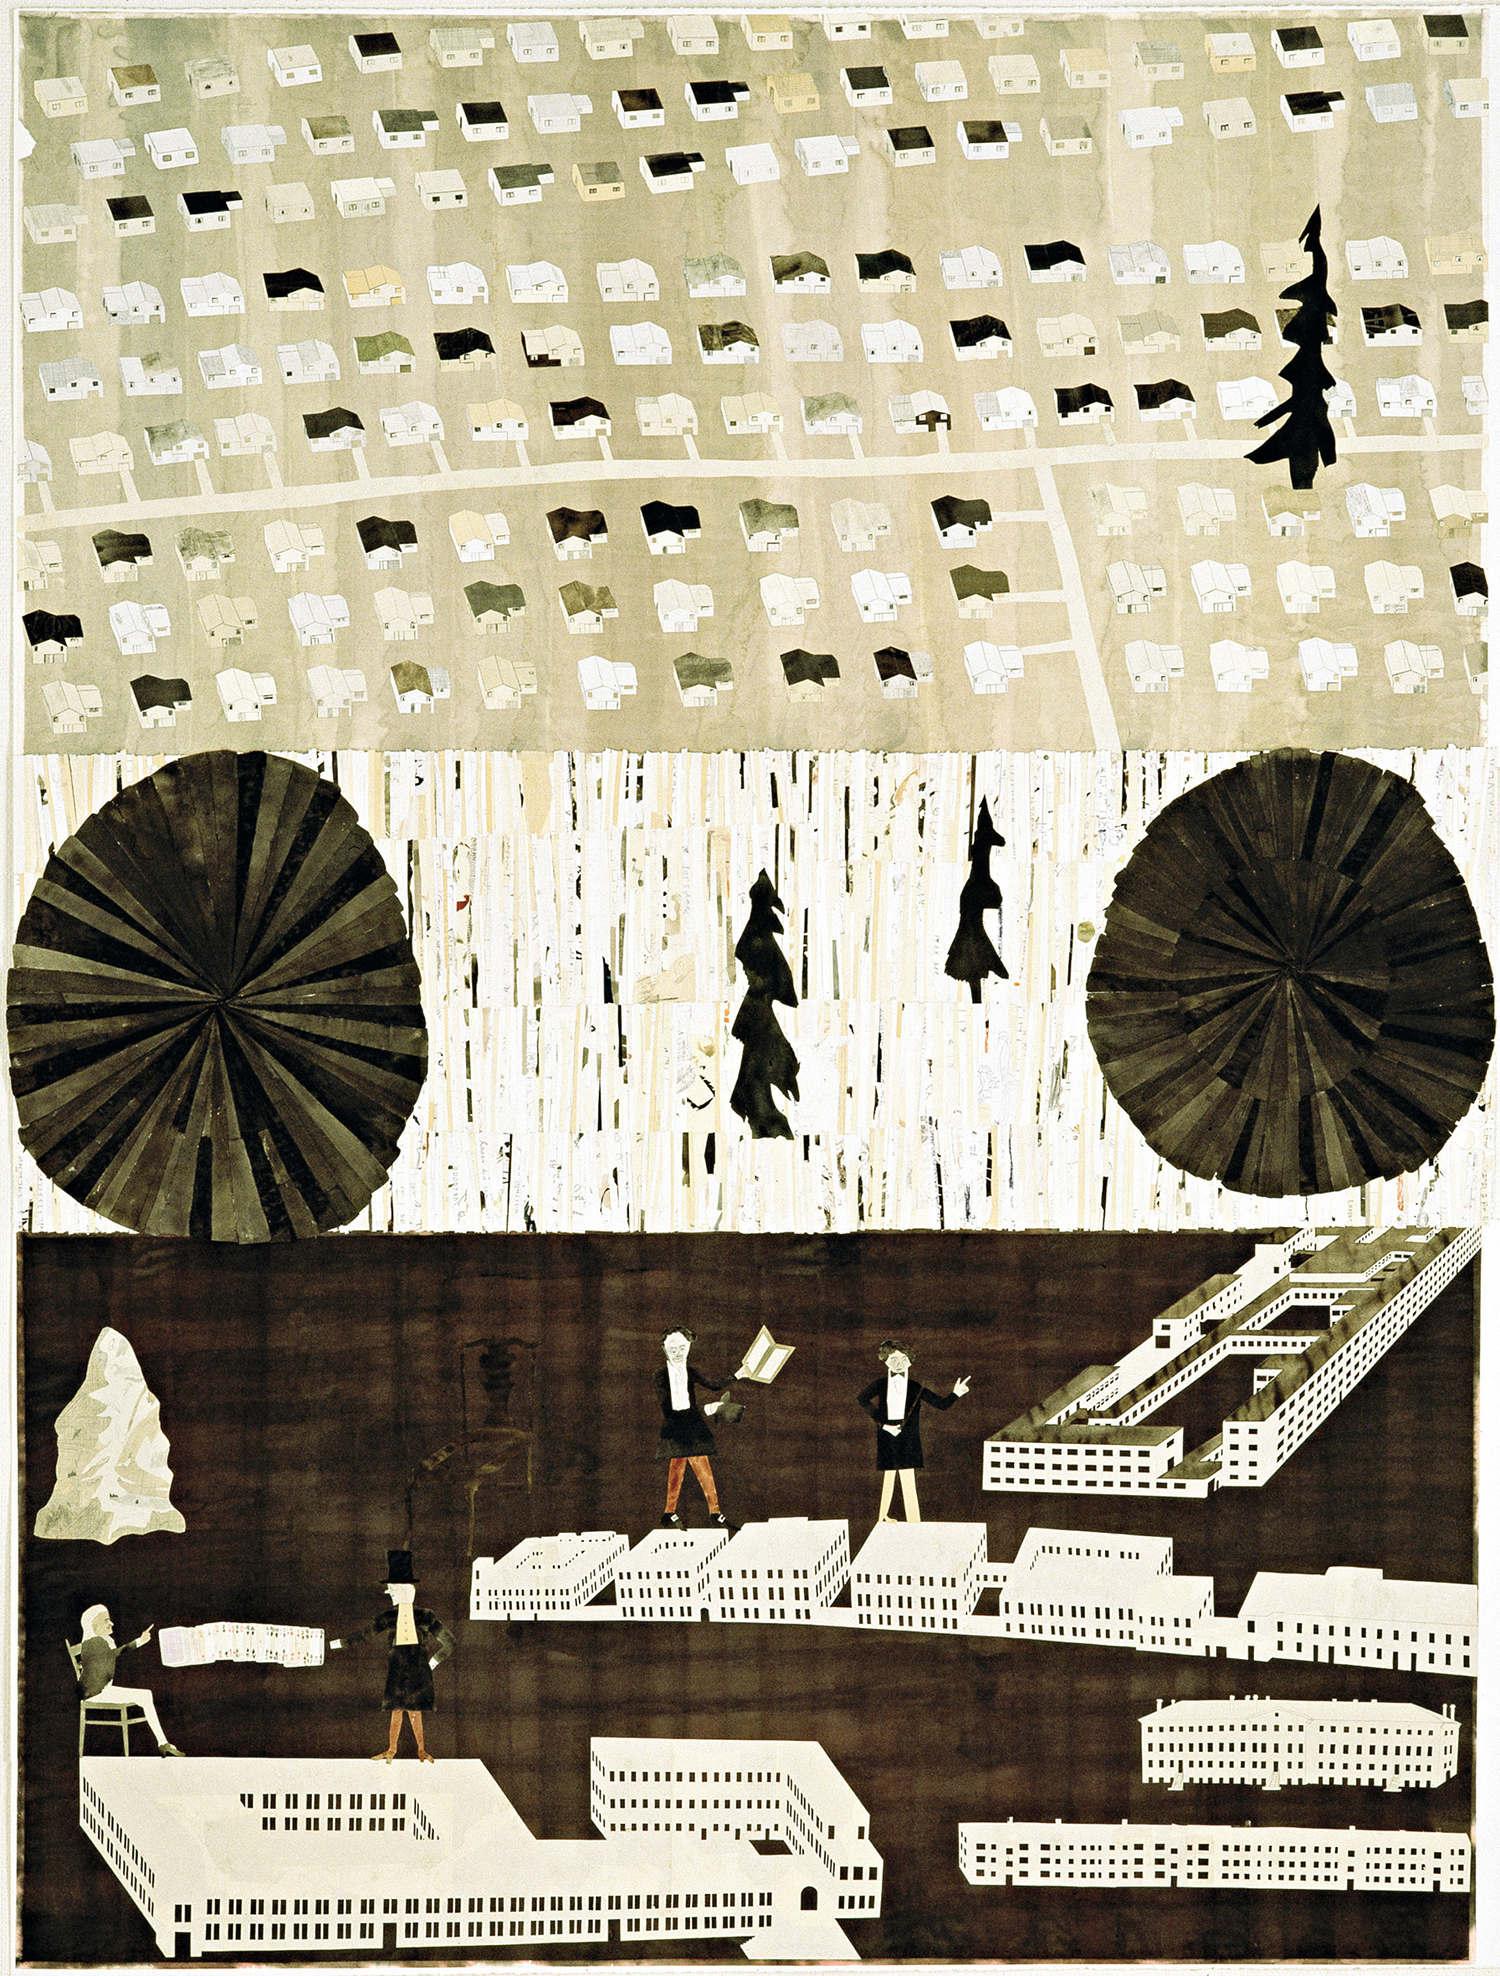 Loppspel (Jeu de puces), collage, aquarelle et graphite sur papier@(184 x 138 cm)